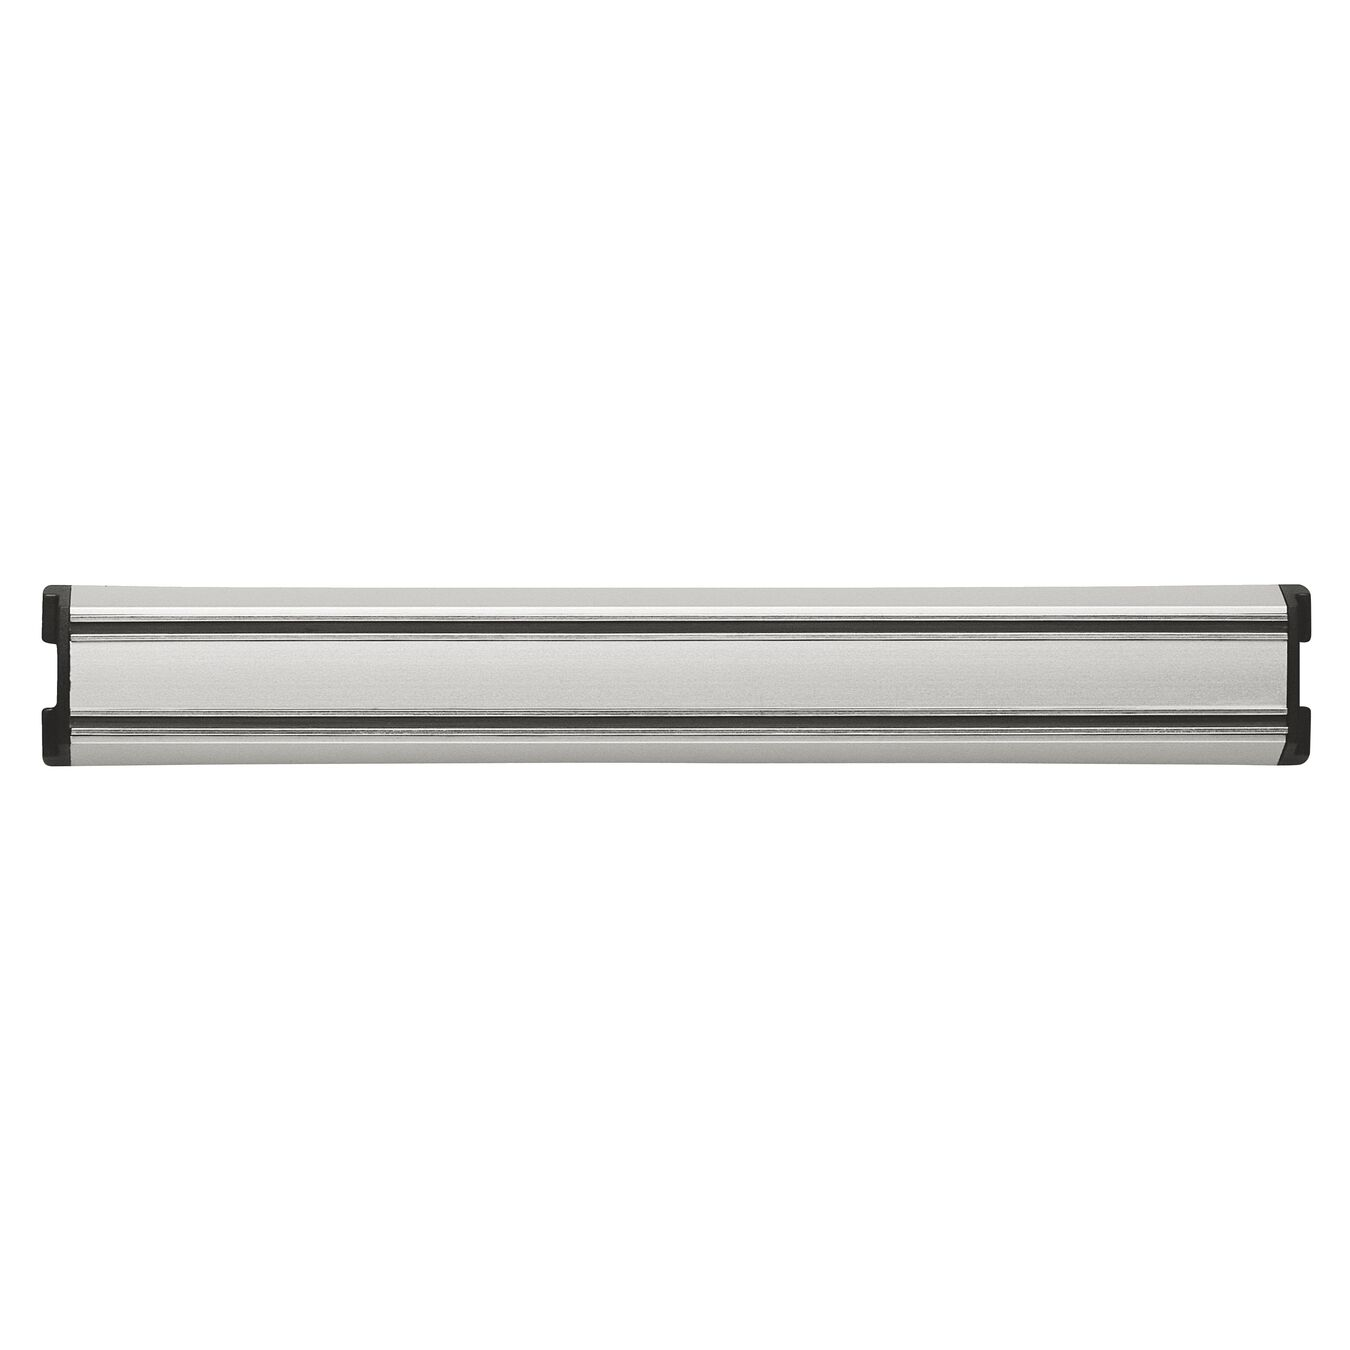 Barra magnetica per coltelli - 30 cm, alluminio, argento,,large 1